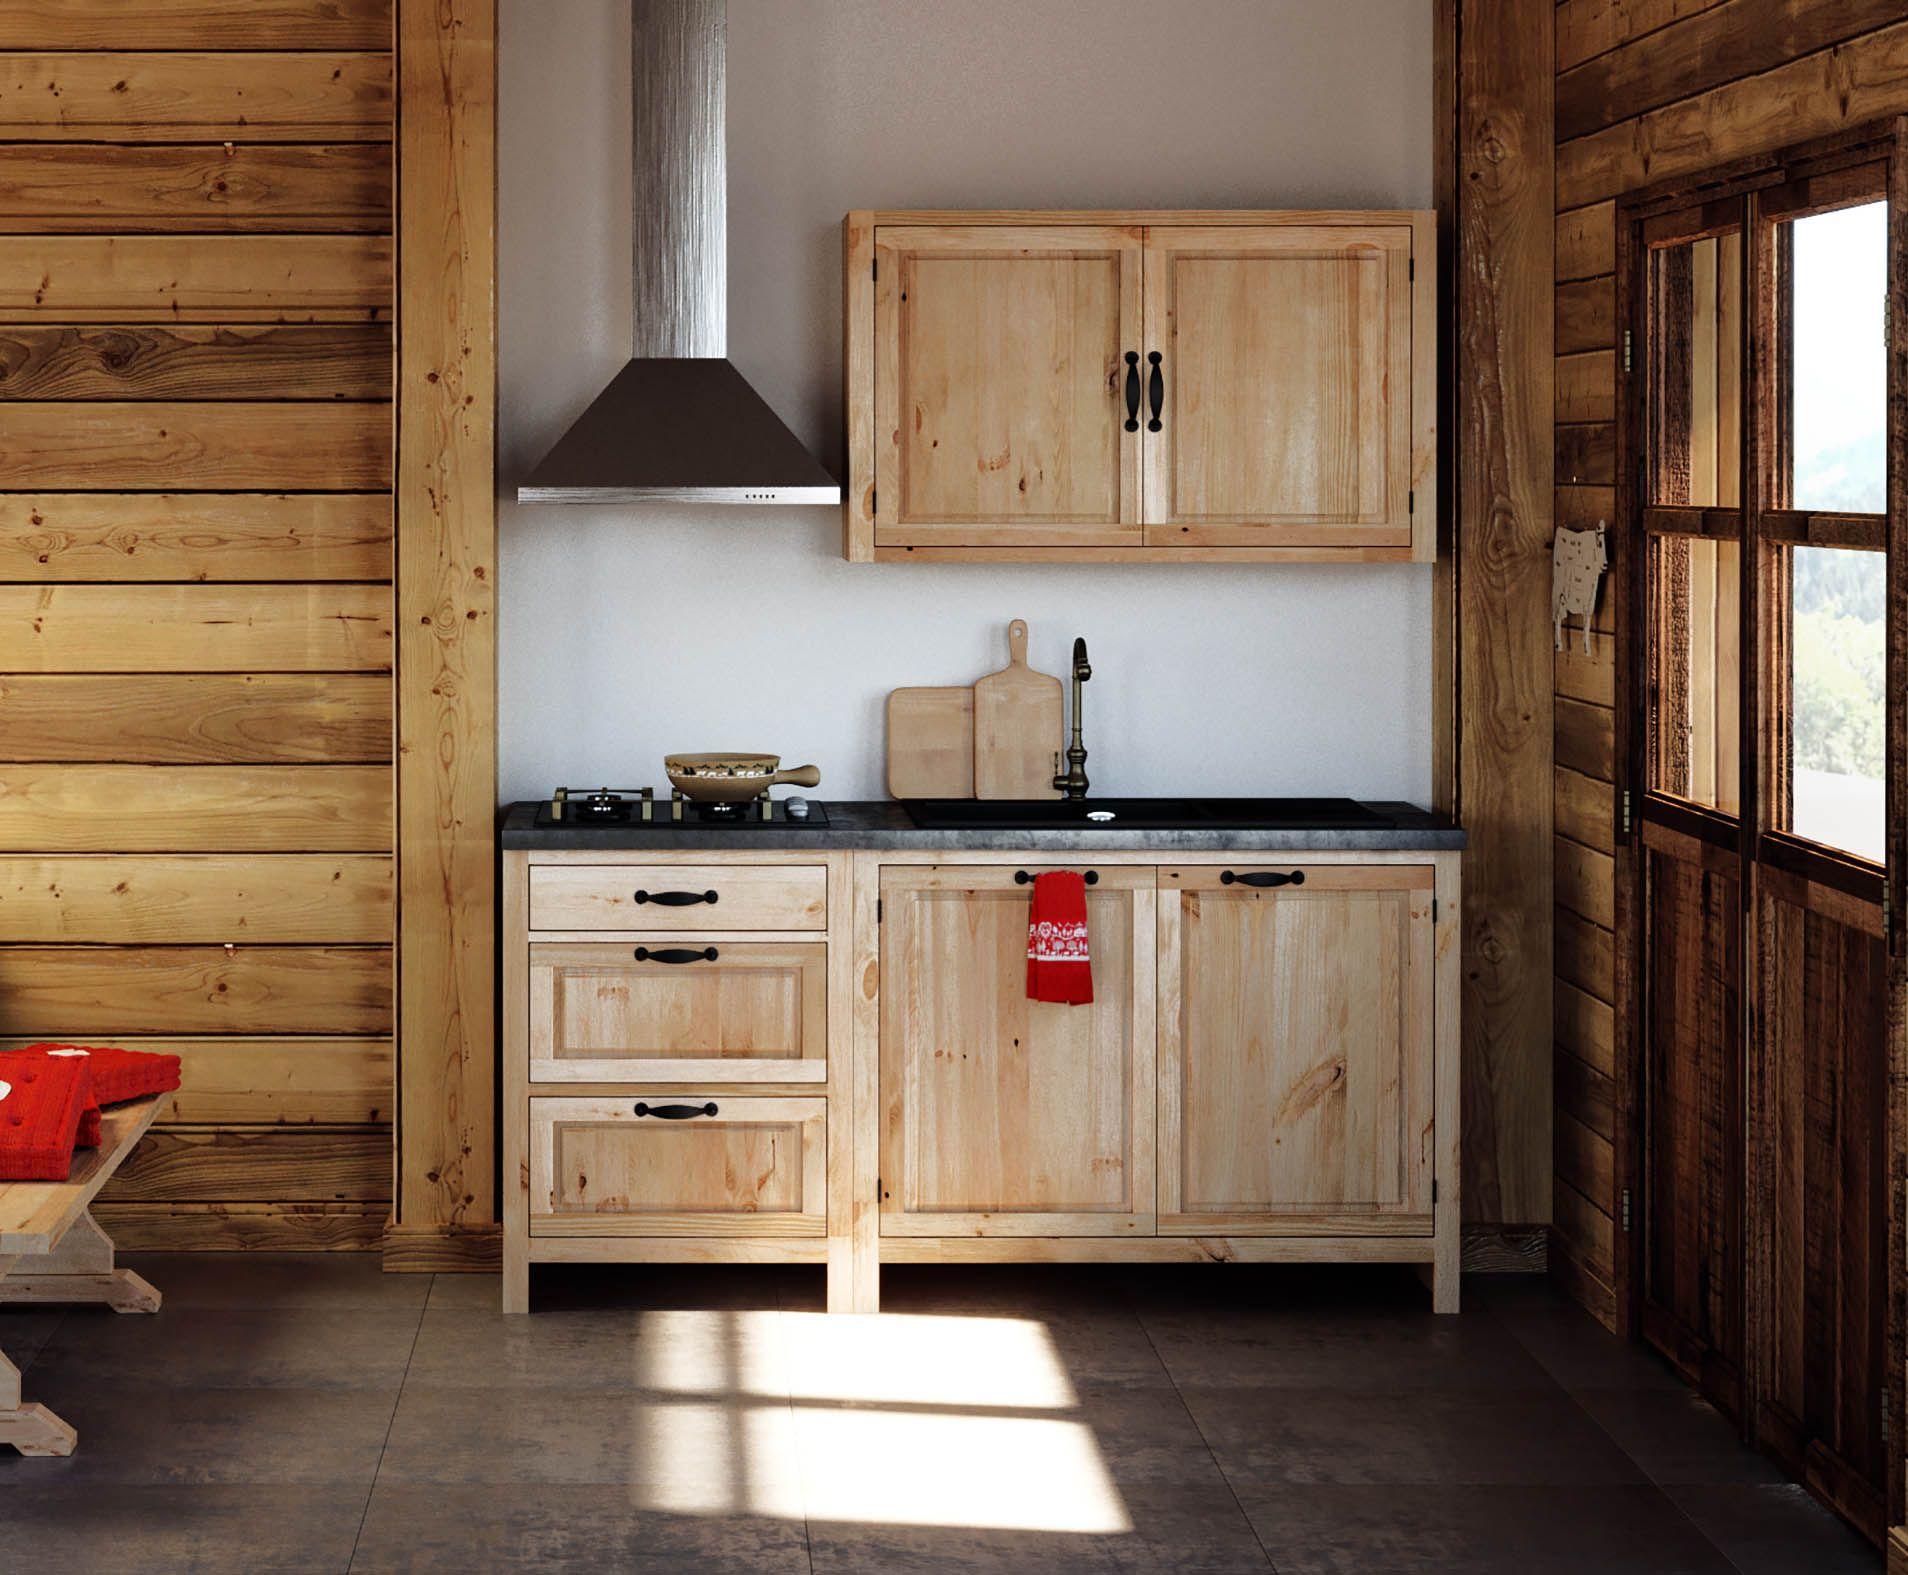 Retrouvez les meubles haut de cuisine en pin massif de notre